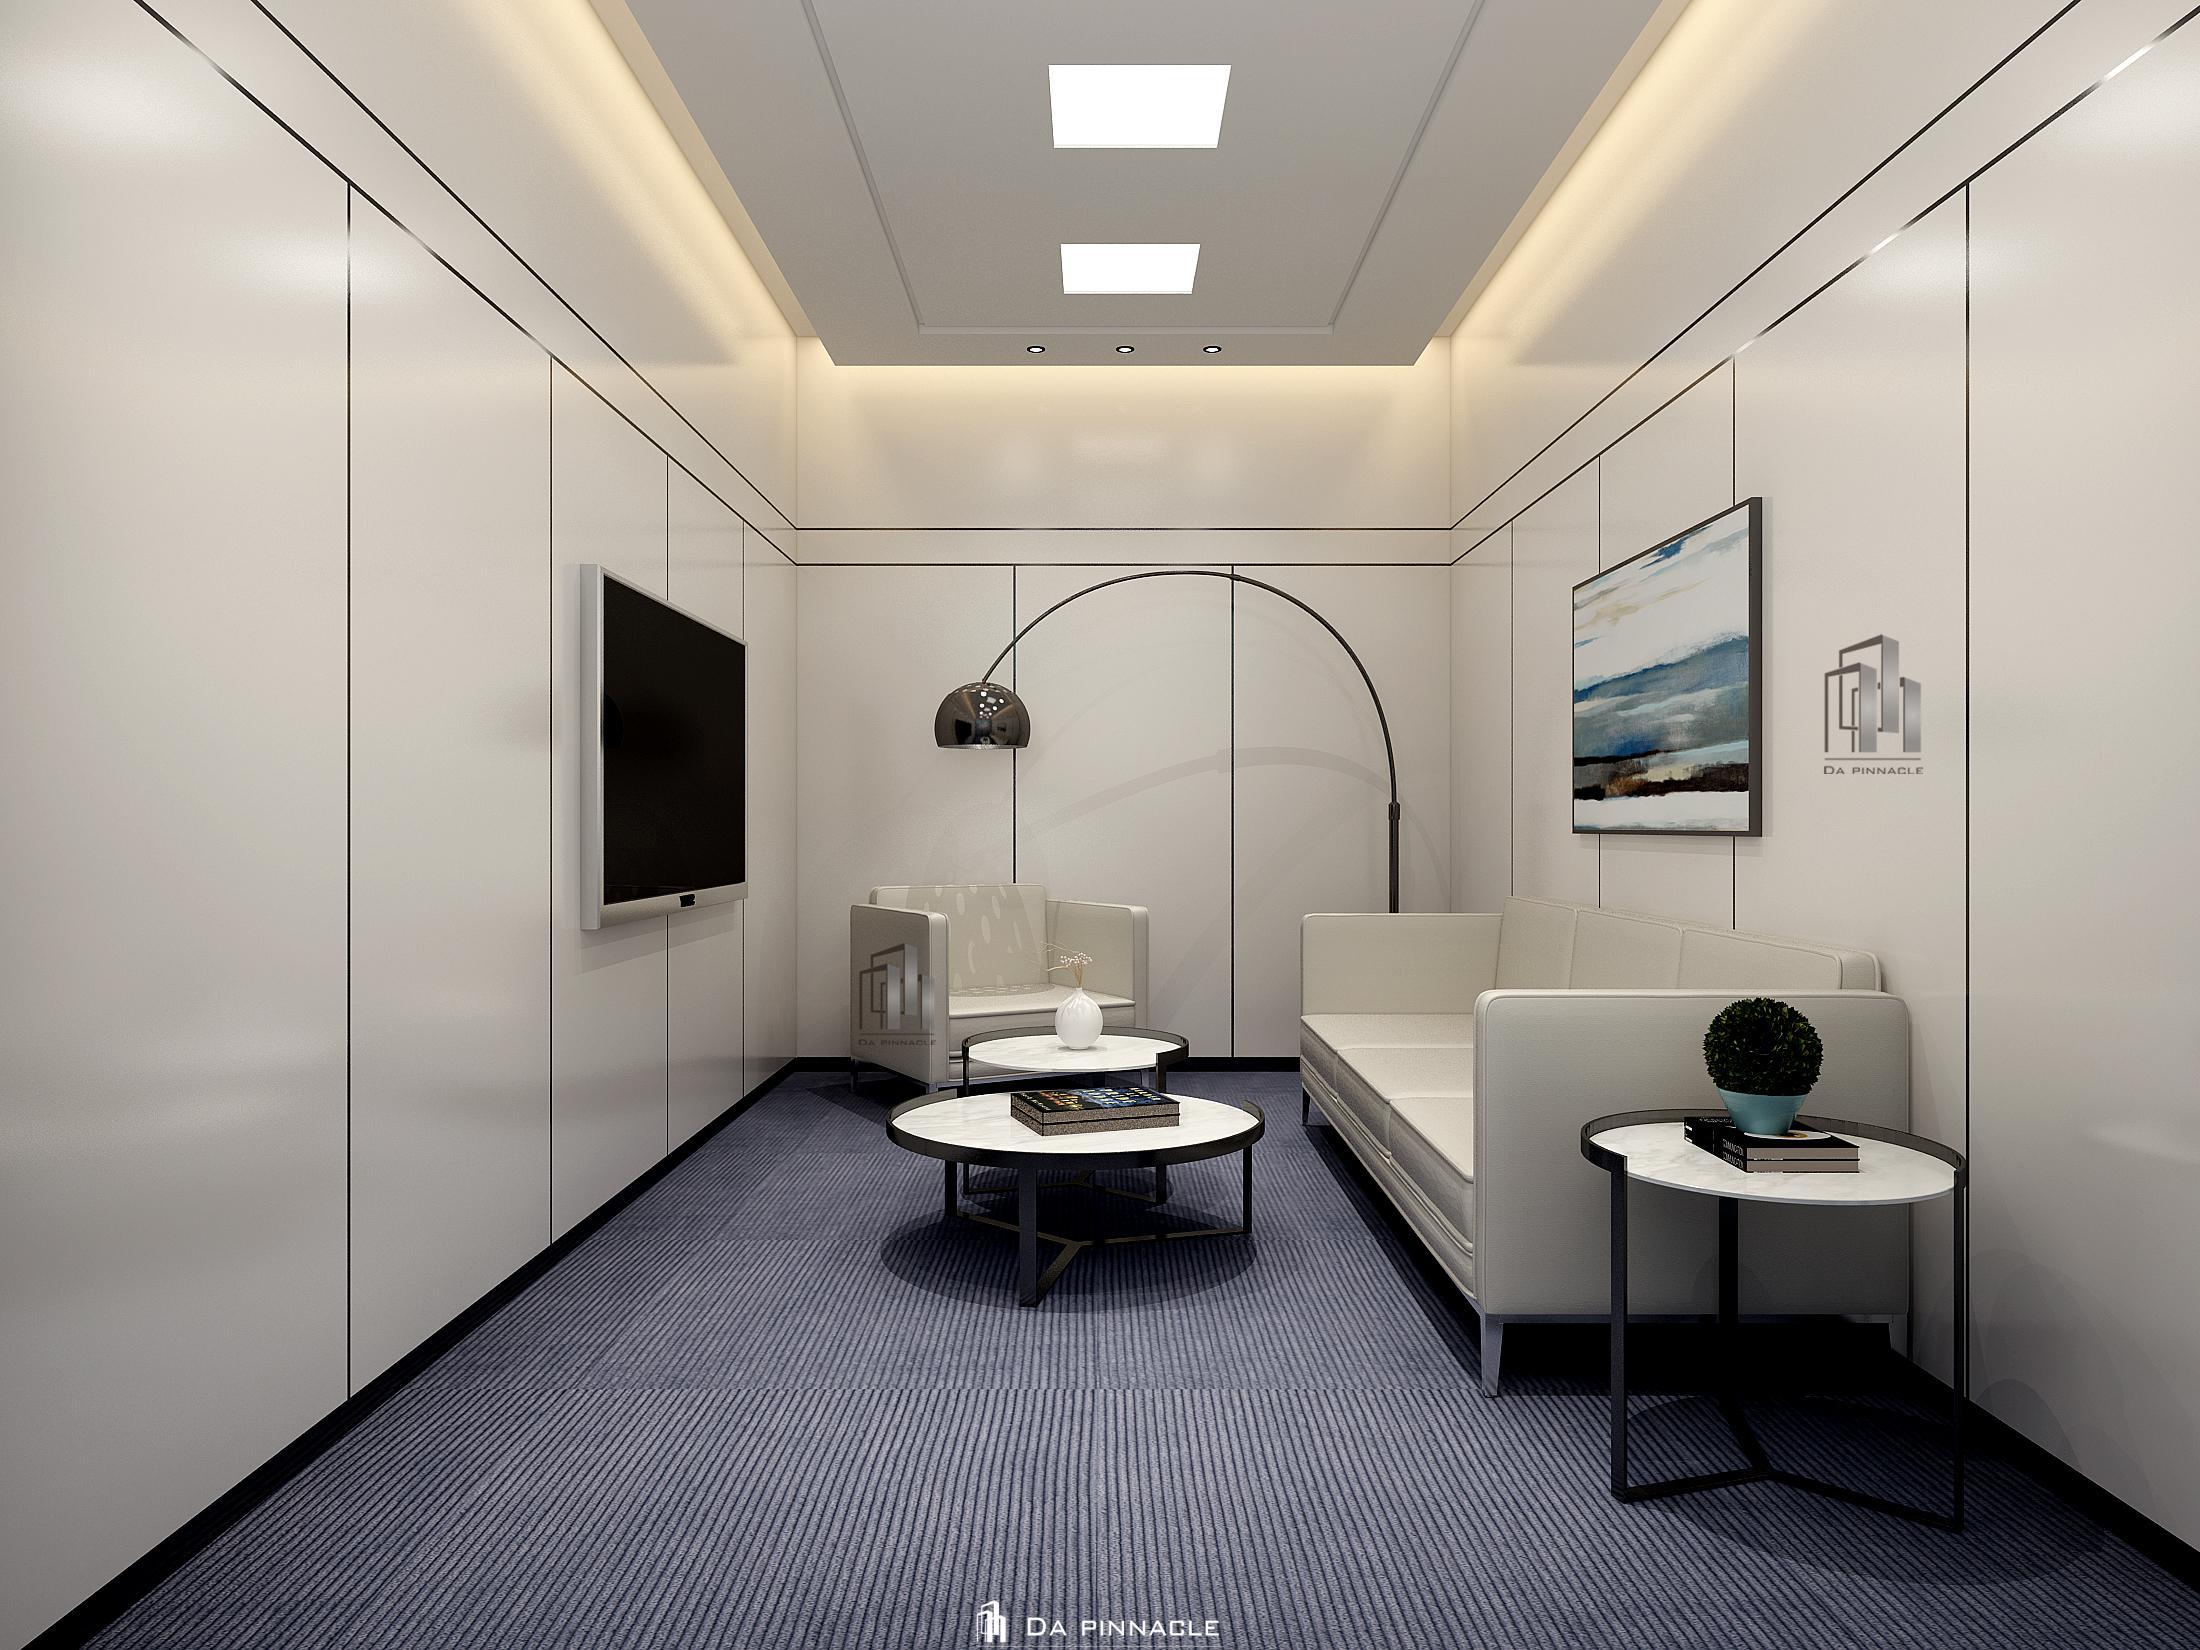 中美弘康办公室装修设计